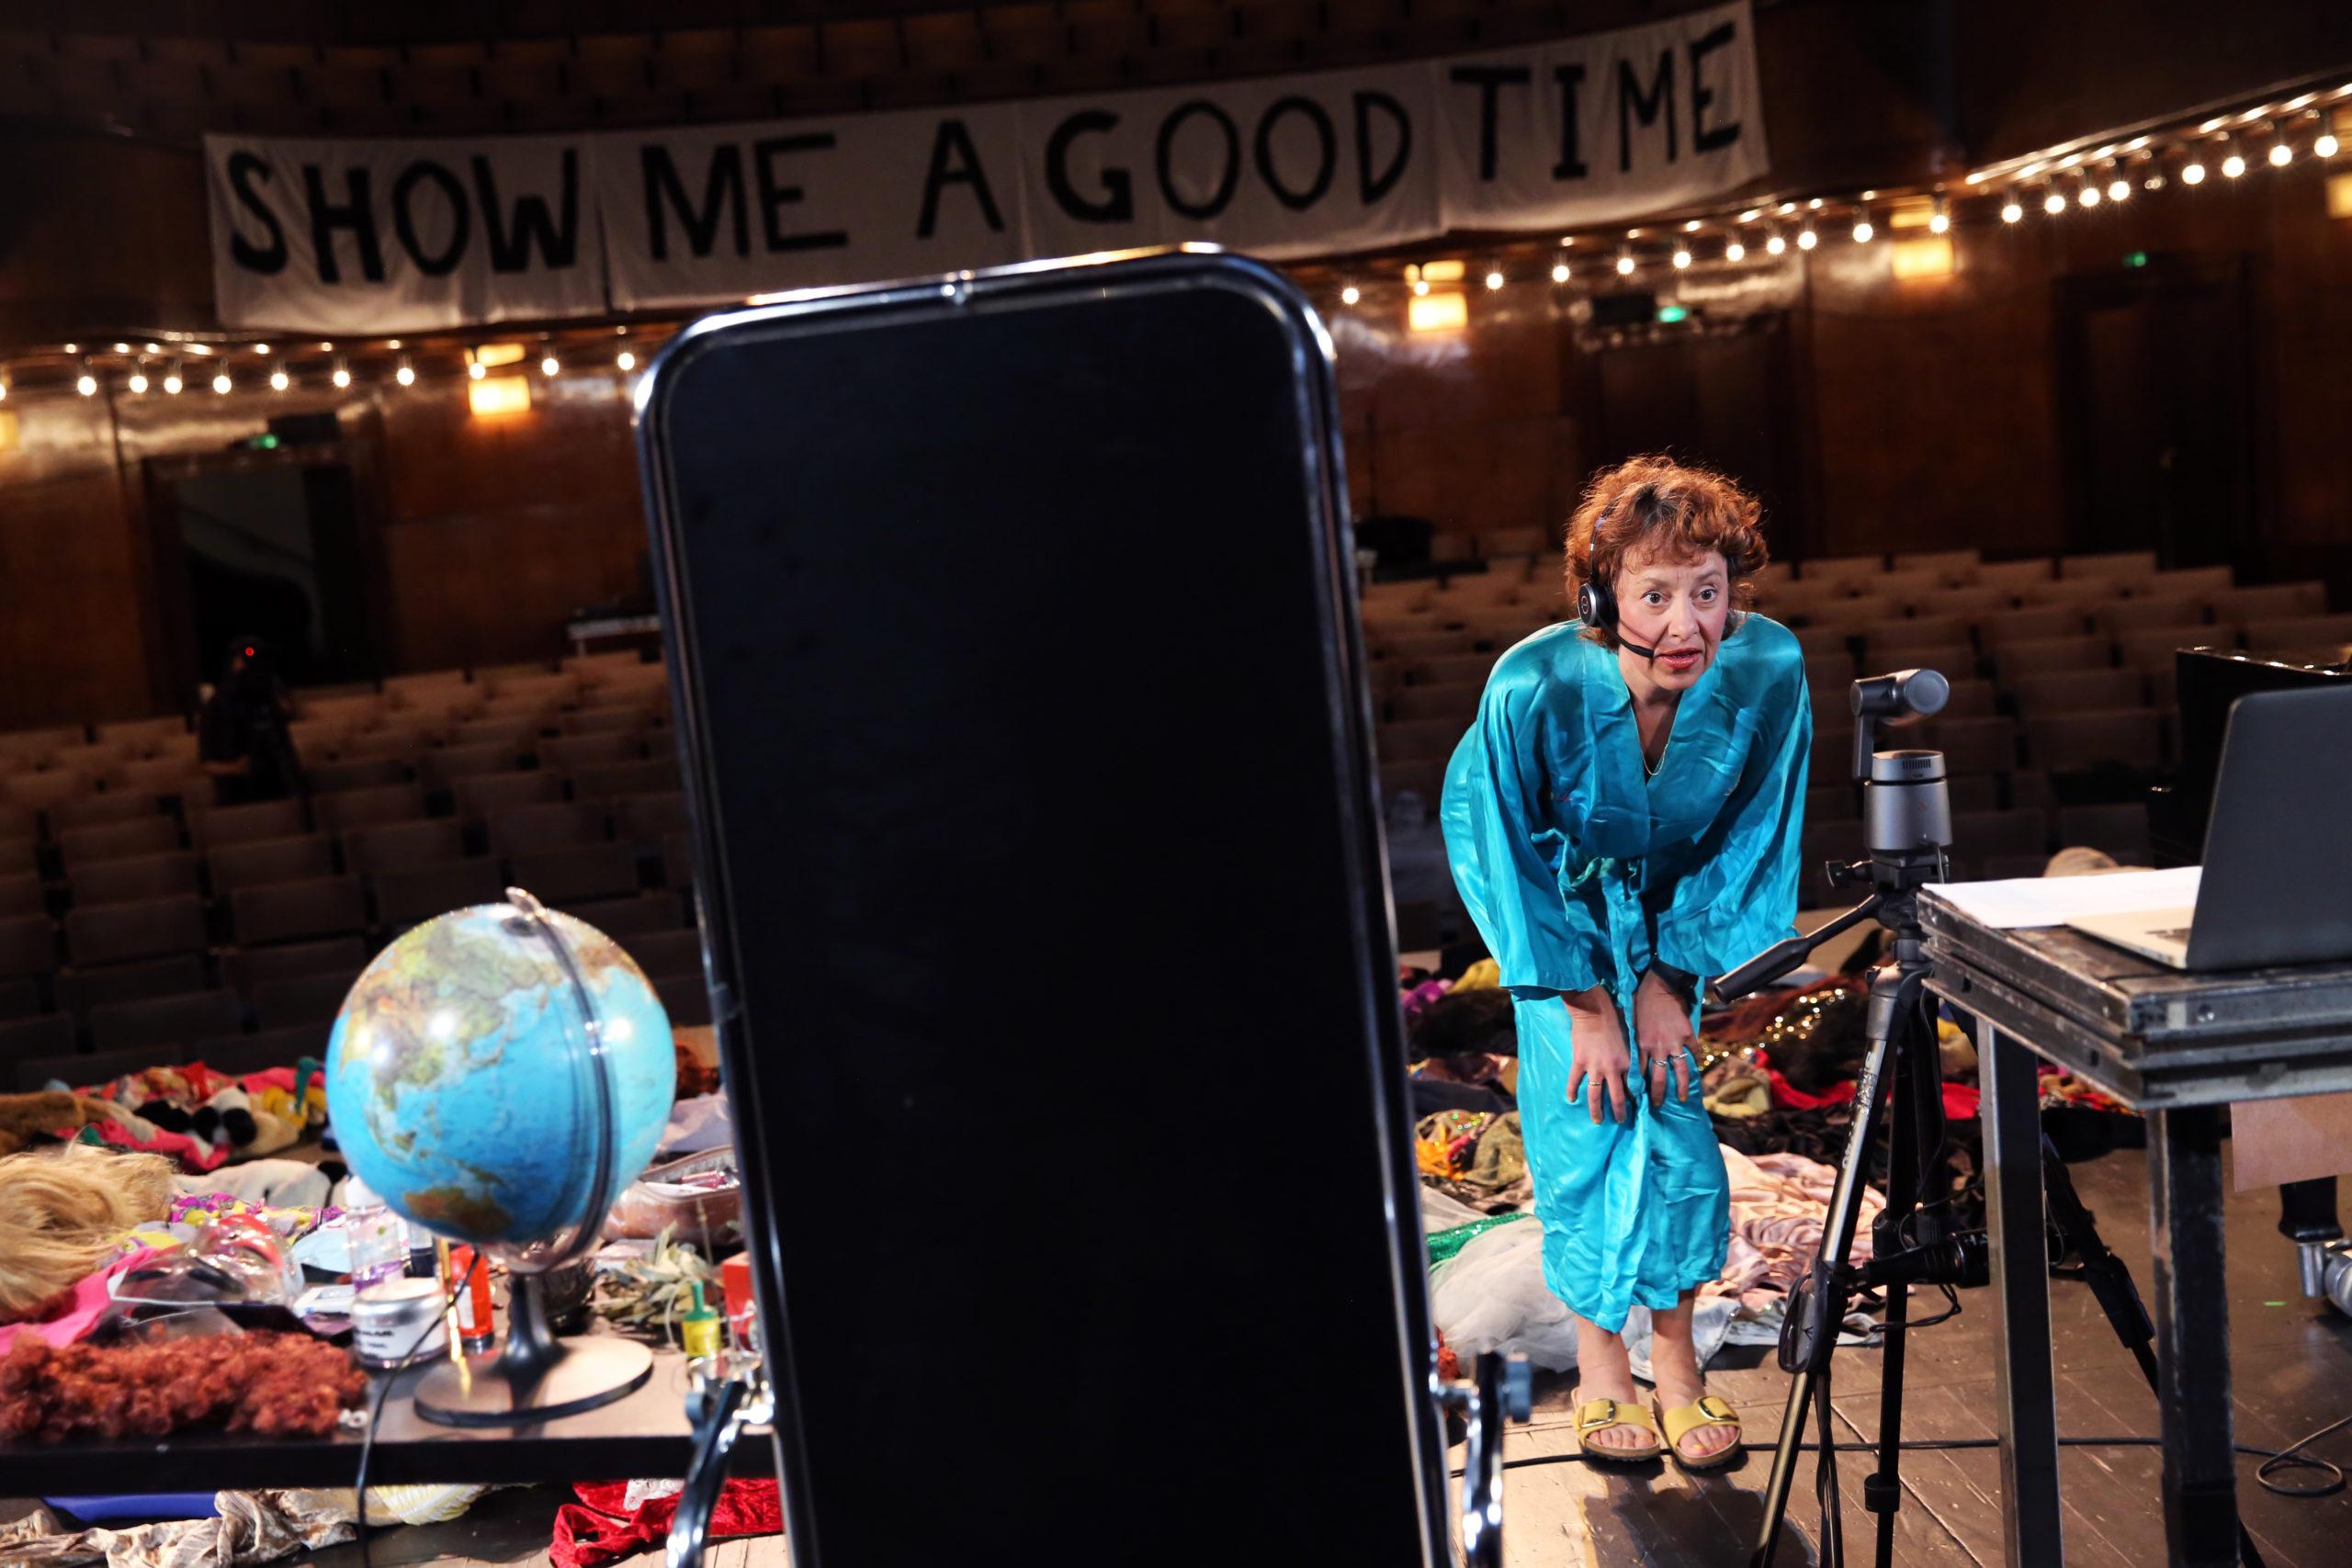 Theatertreffen: 12 Stunden spielt zum Beispiel das Künstlerkollektiv Gob Squad live in den Stream hinein. Foto: Dorothea Tuch